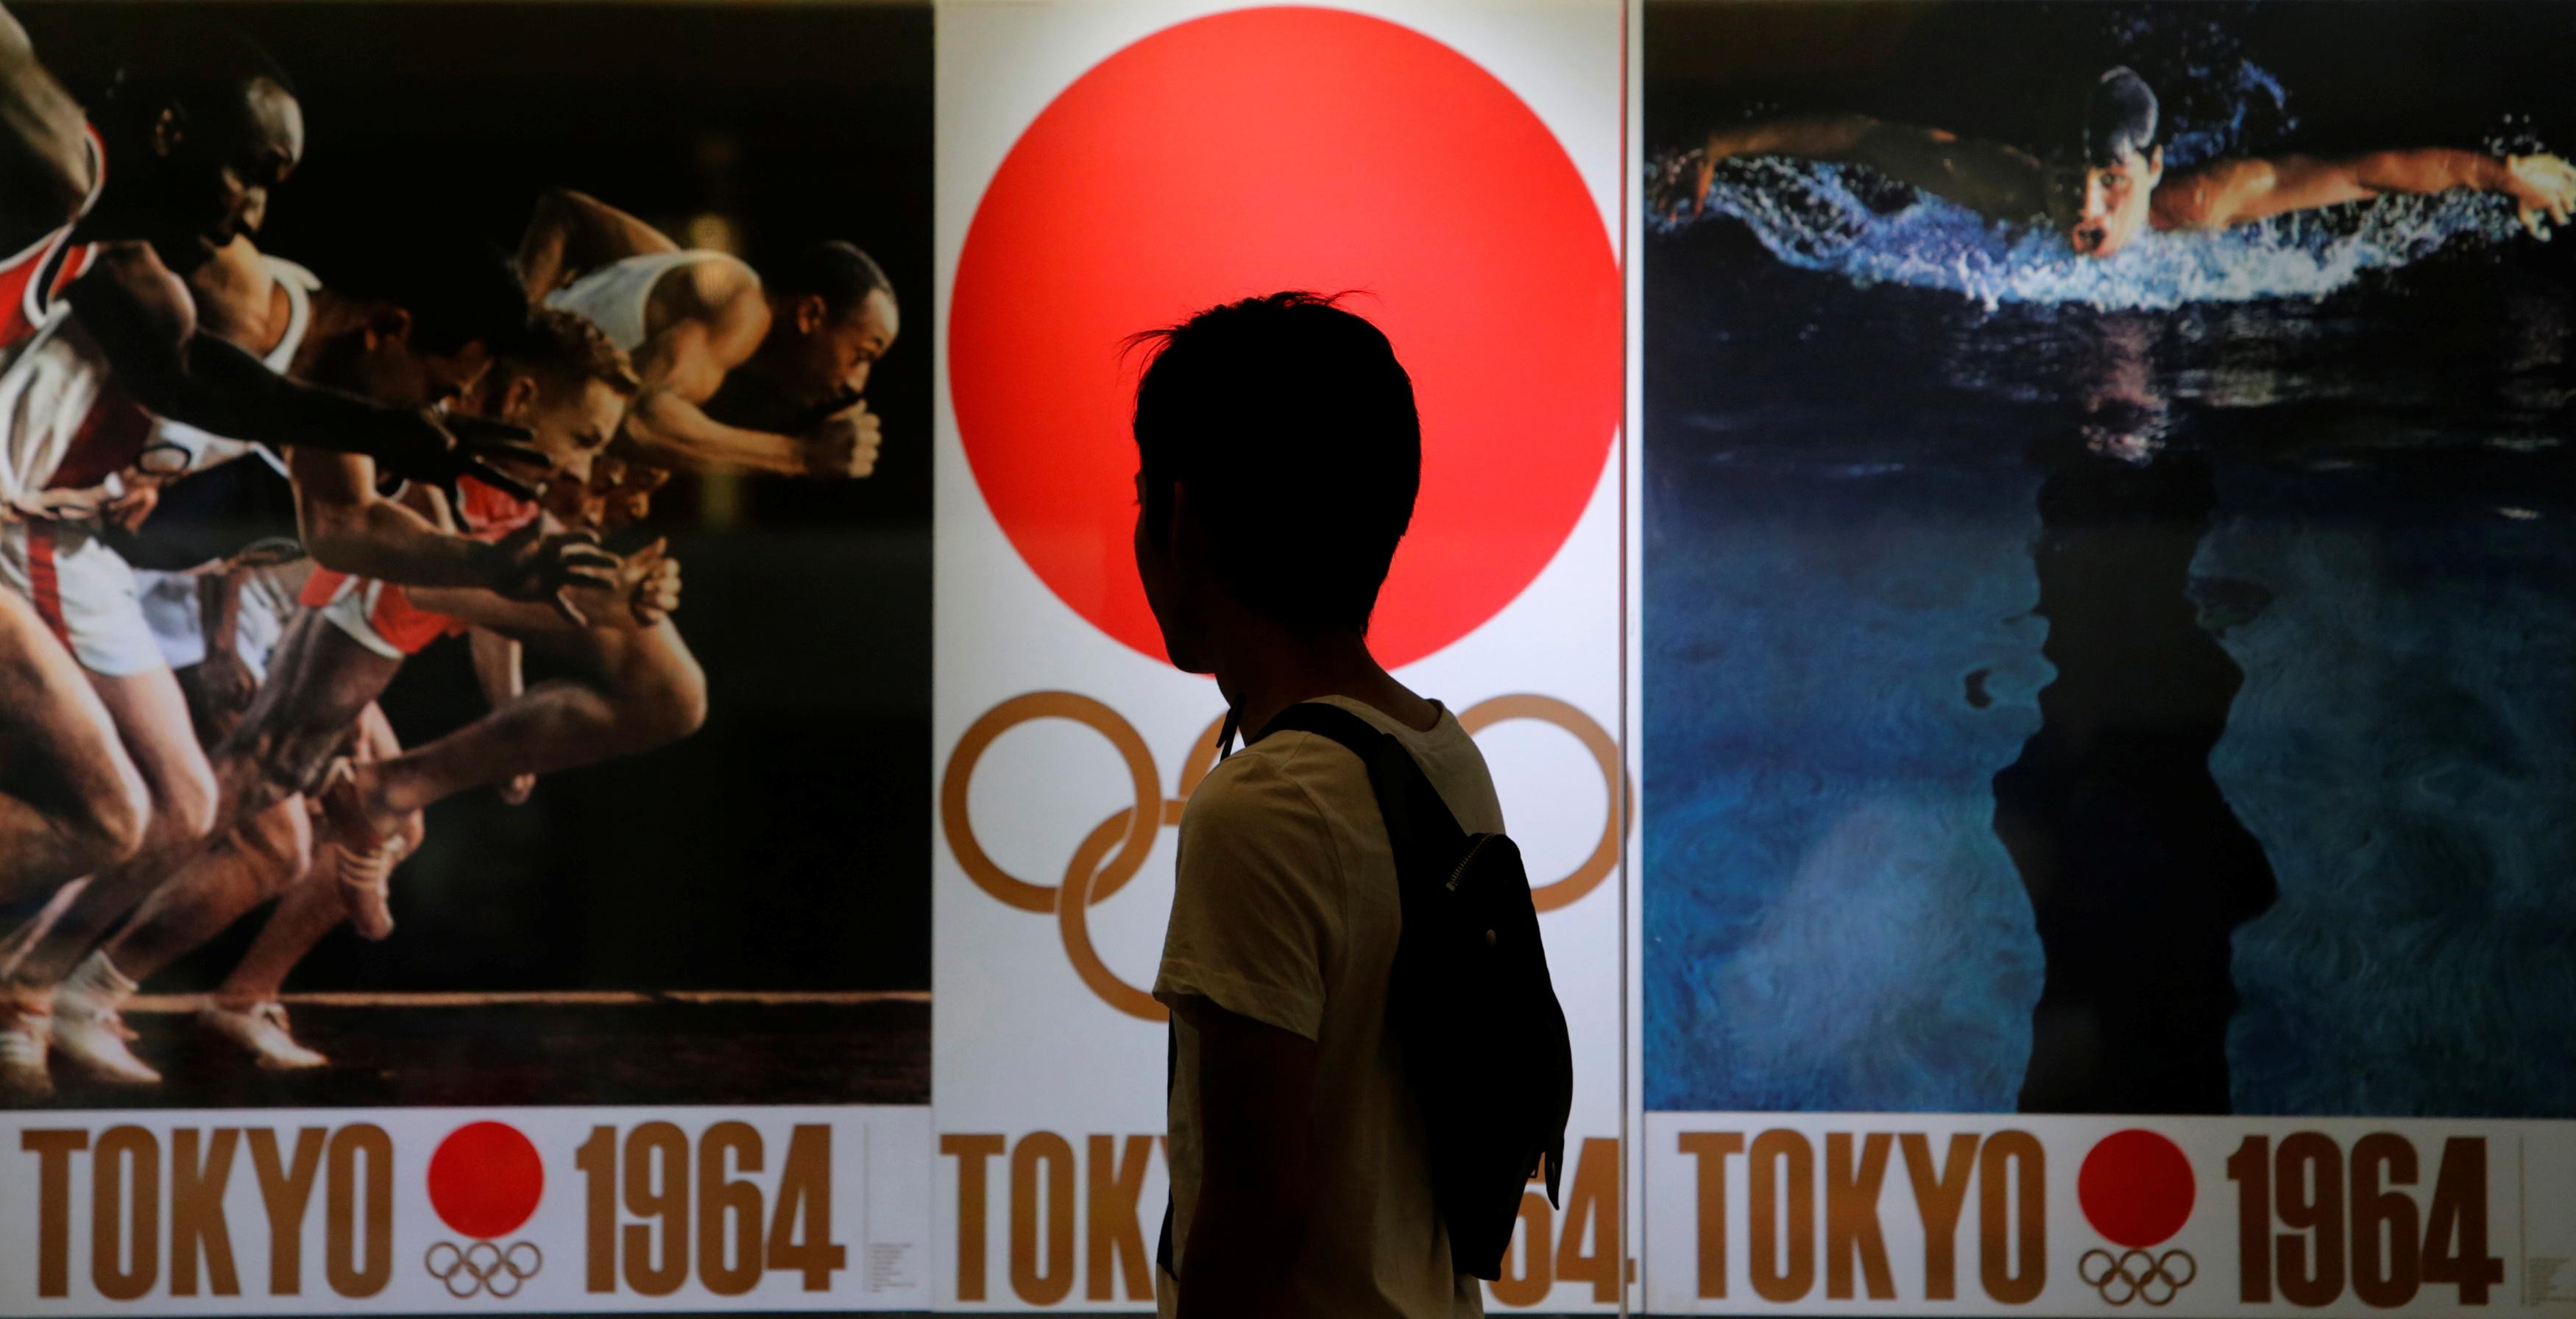 Một người đi bộ xem các bức ảnh của Thế vận hội Mùa hè 1964 ở Tokyo, một phần của triển lãm ảnh bên trong tòa nhà ga xe lửa Tokyo ngày 8 tháng 9 năm 2013. REUTERS / Yuya Shino / File Photo